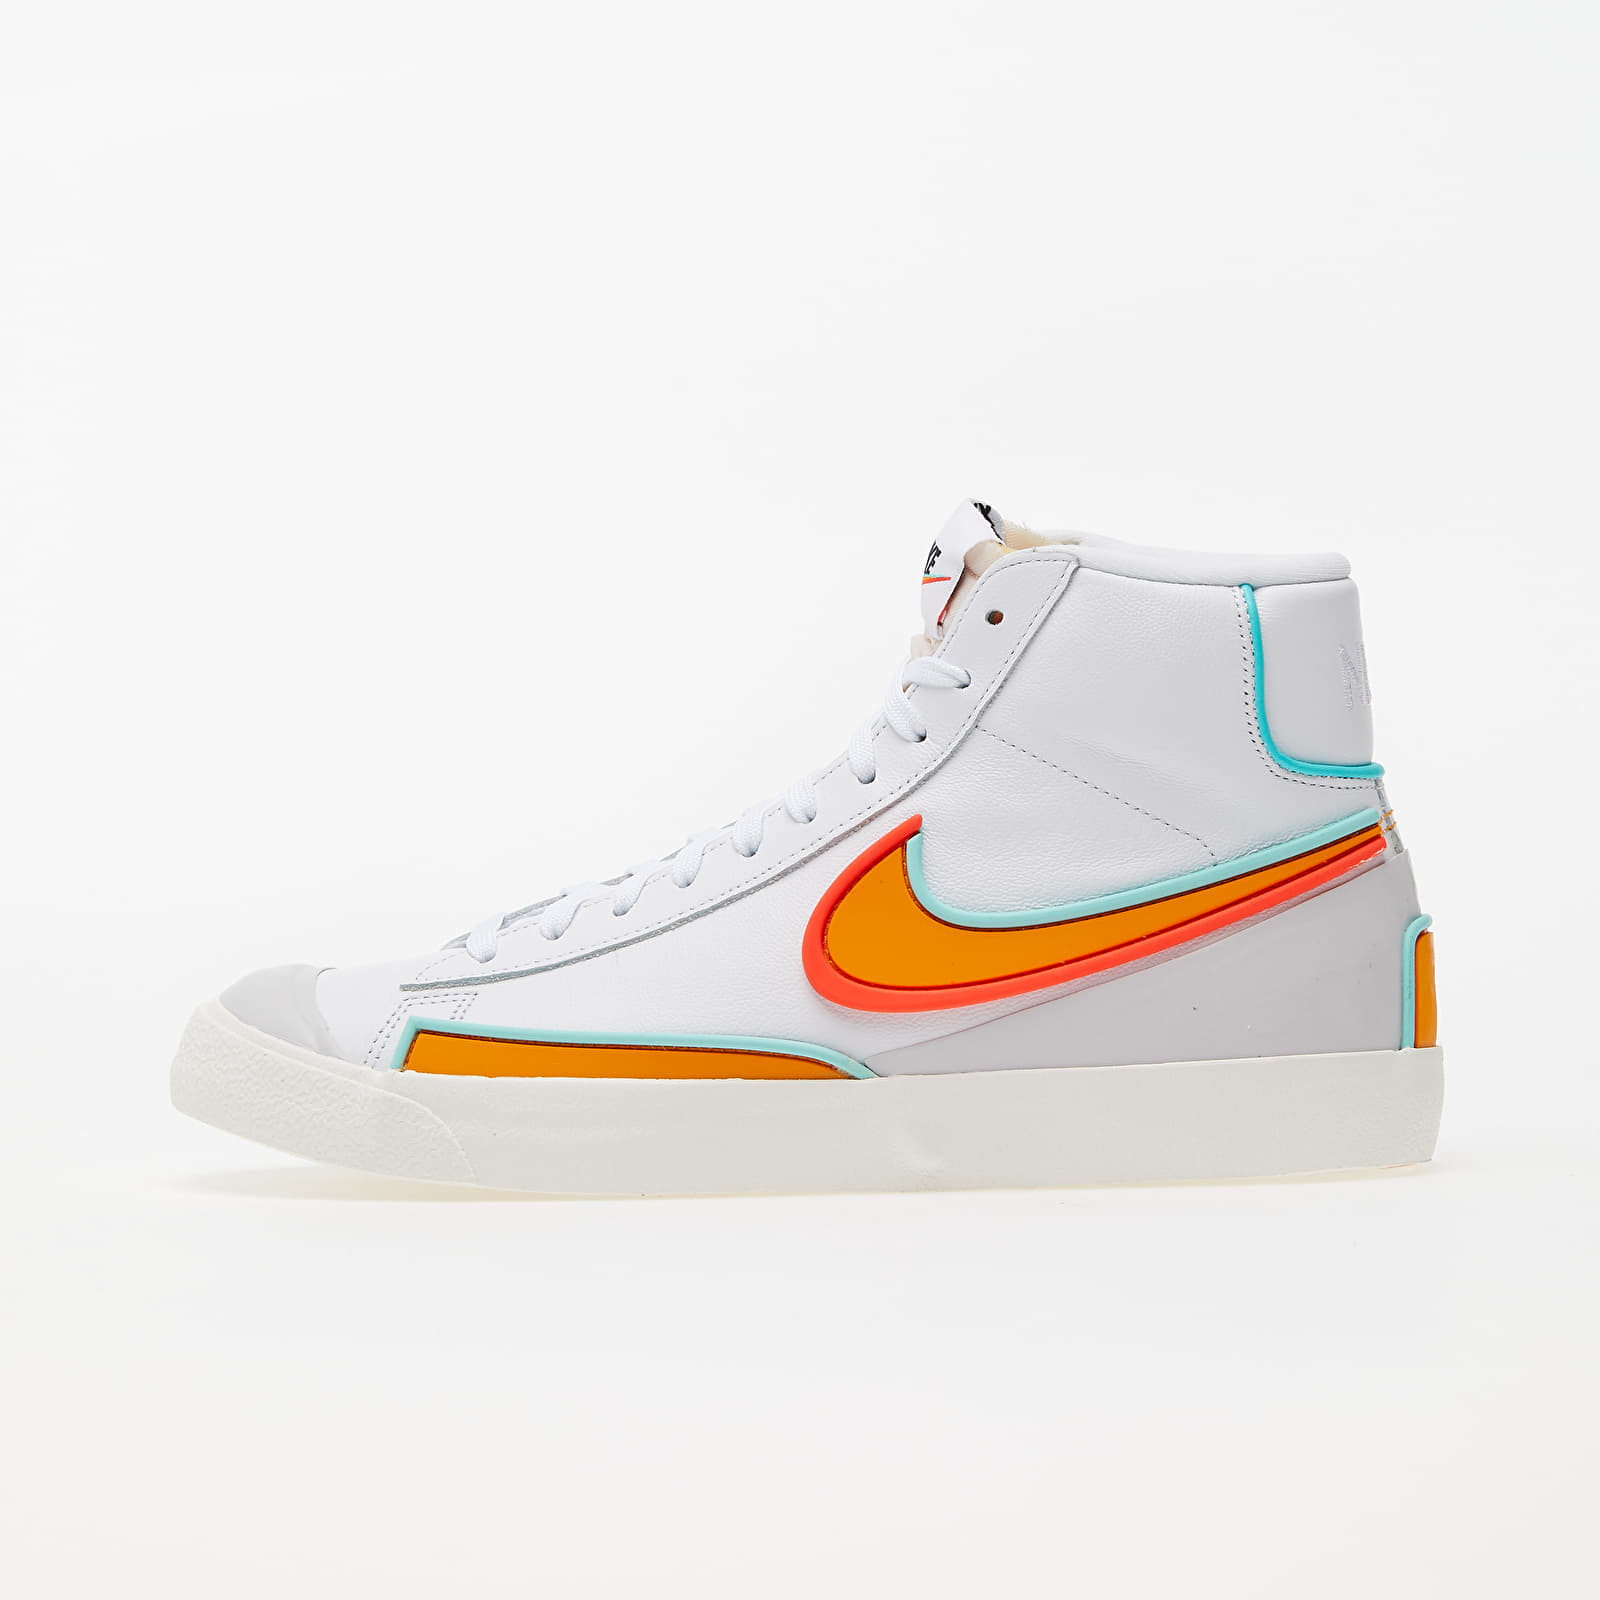 Nike Blazer Mid '77 Infinite White/ Kumquat-Aurora Green DA7233-100